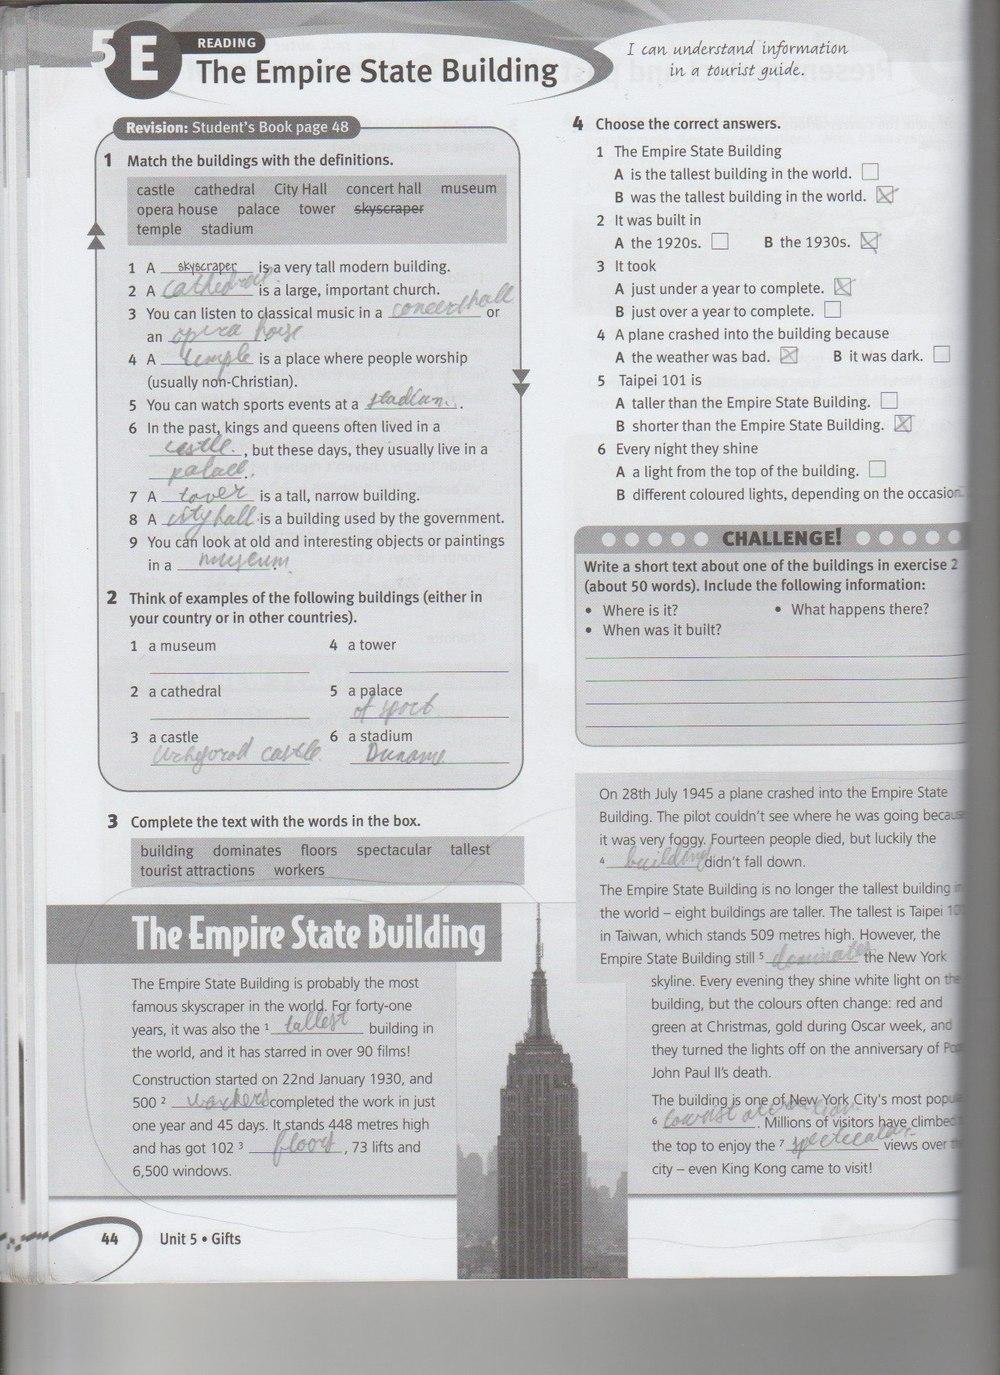 класс solution по 8 гдз английскому языку